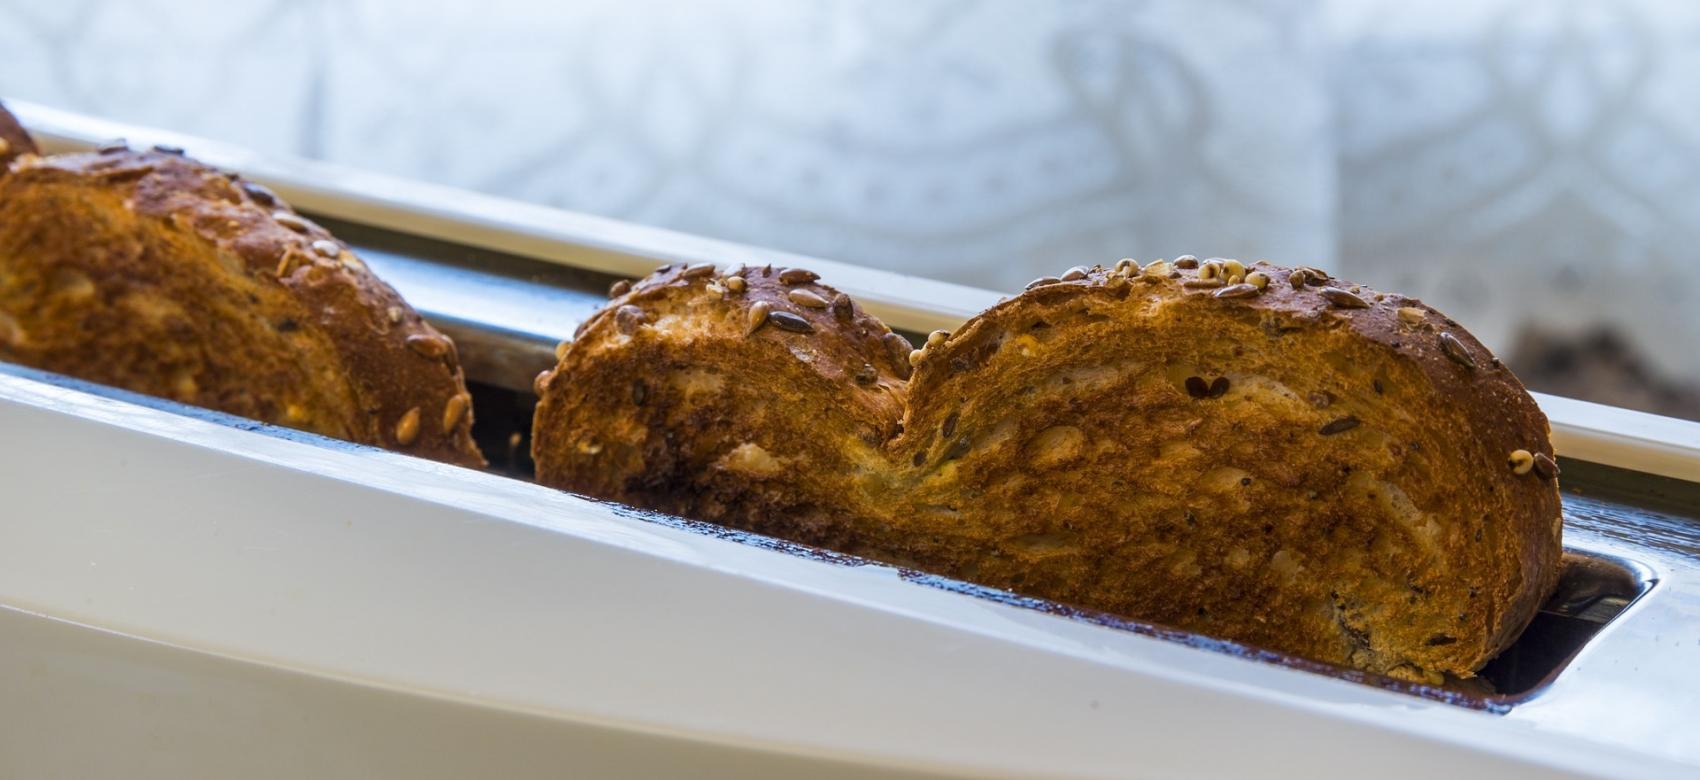 Tostador con rebanadas de pan de molde casi quemadas